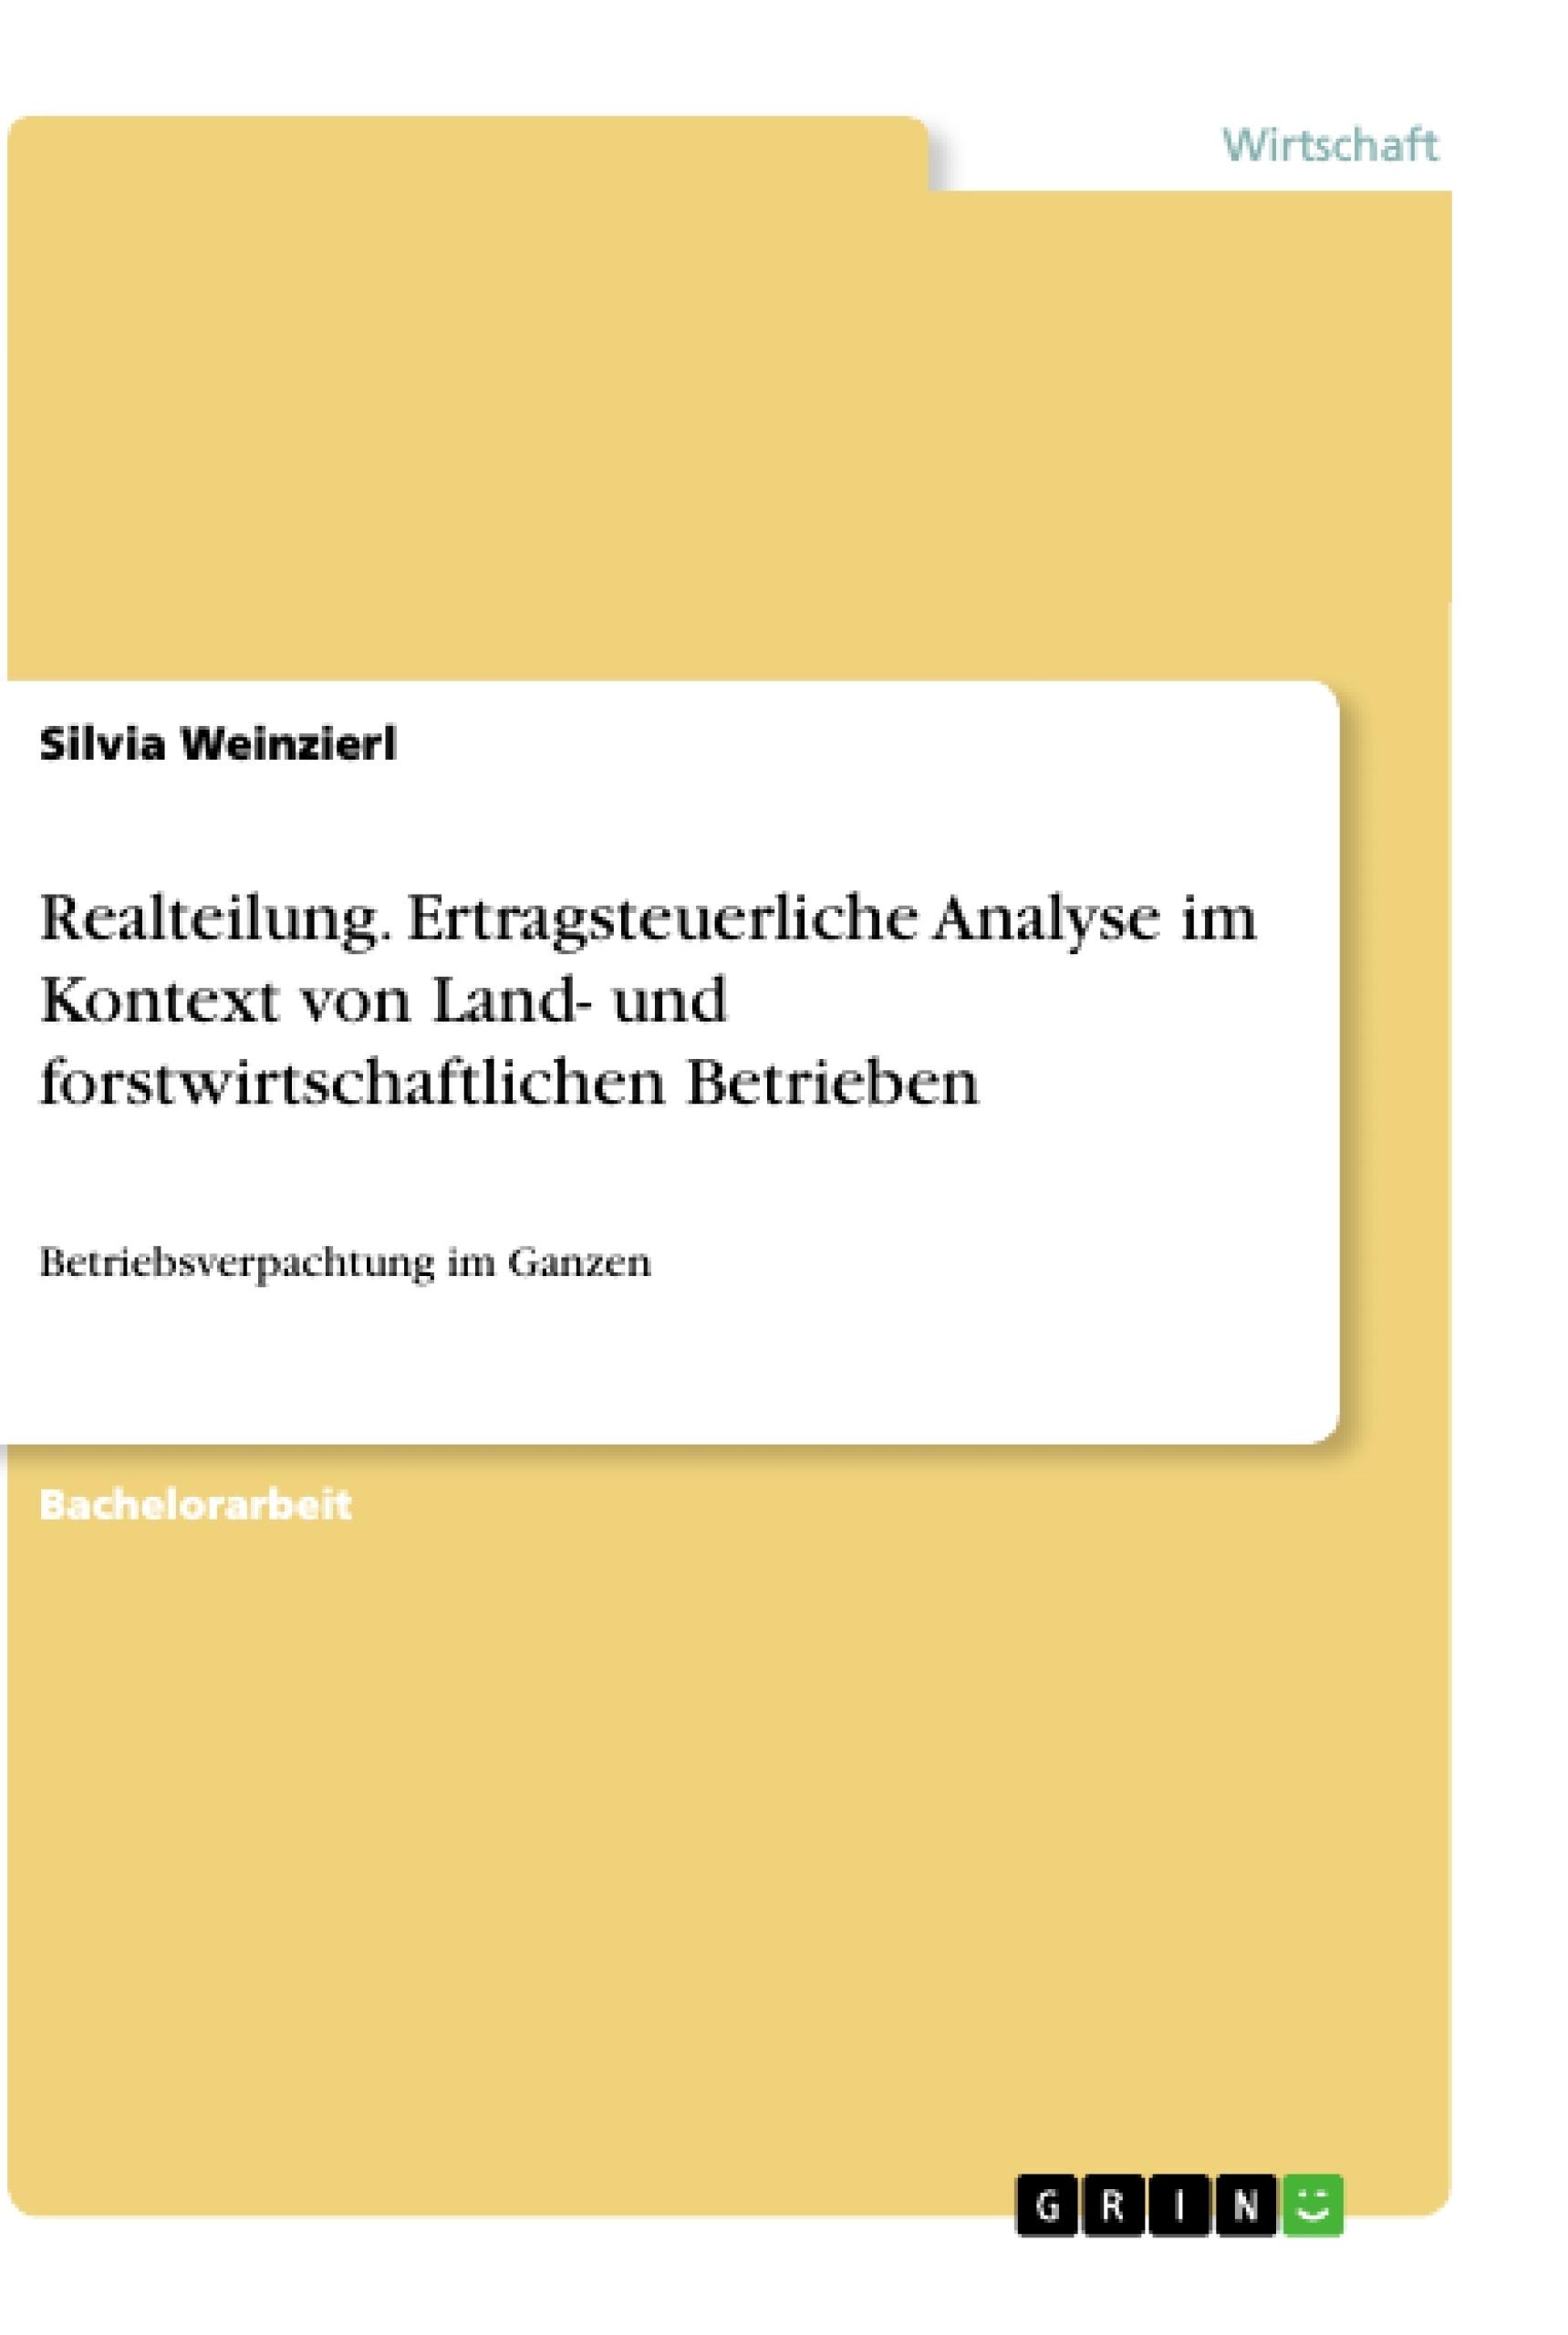 Titel: Realteilung. Ertragsteuerliche Analyse im Kontext von Land- und forstwirtschaftlichen Betrieben